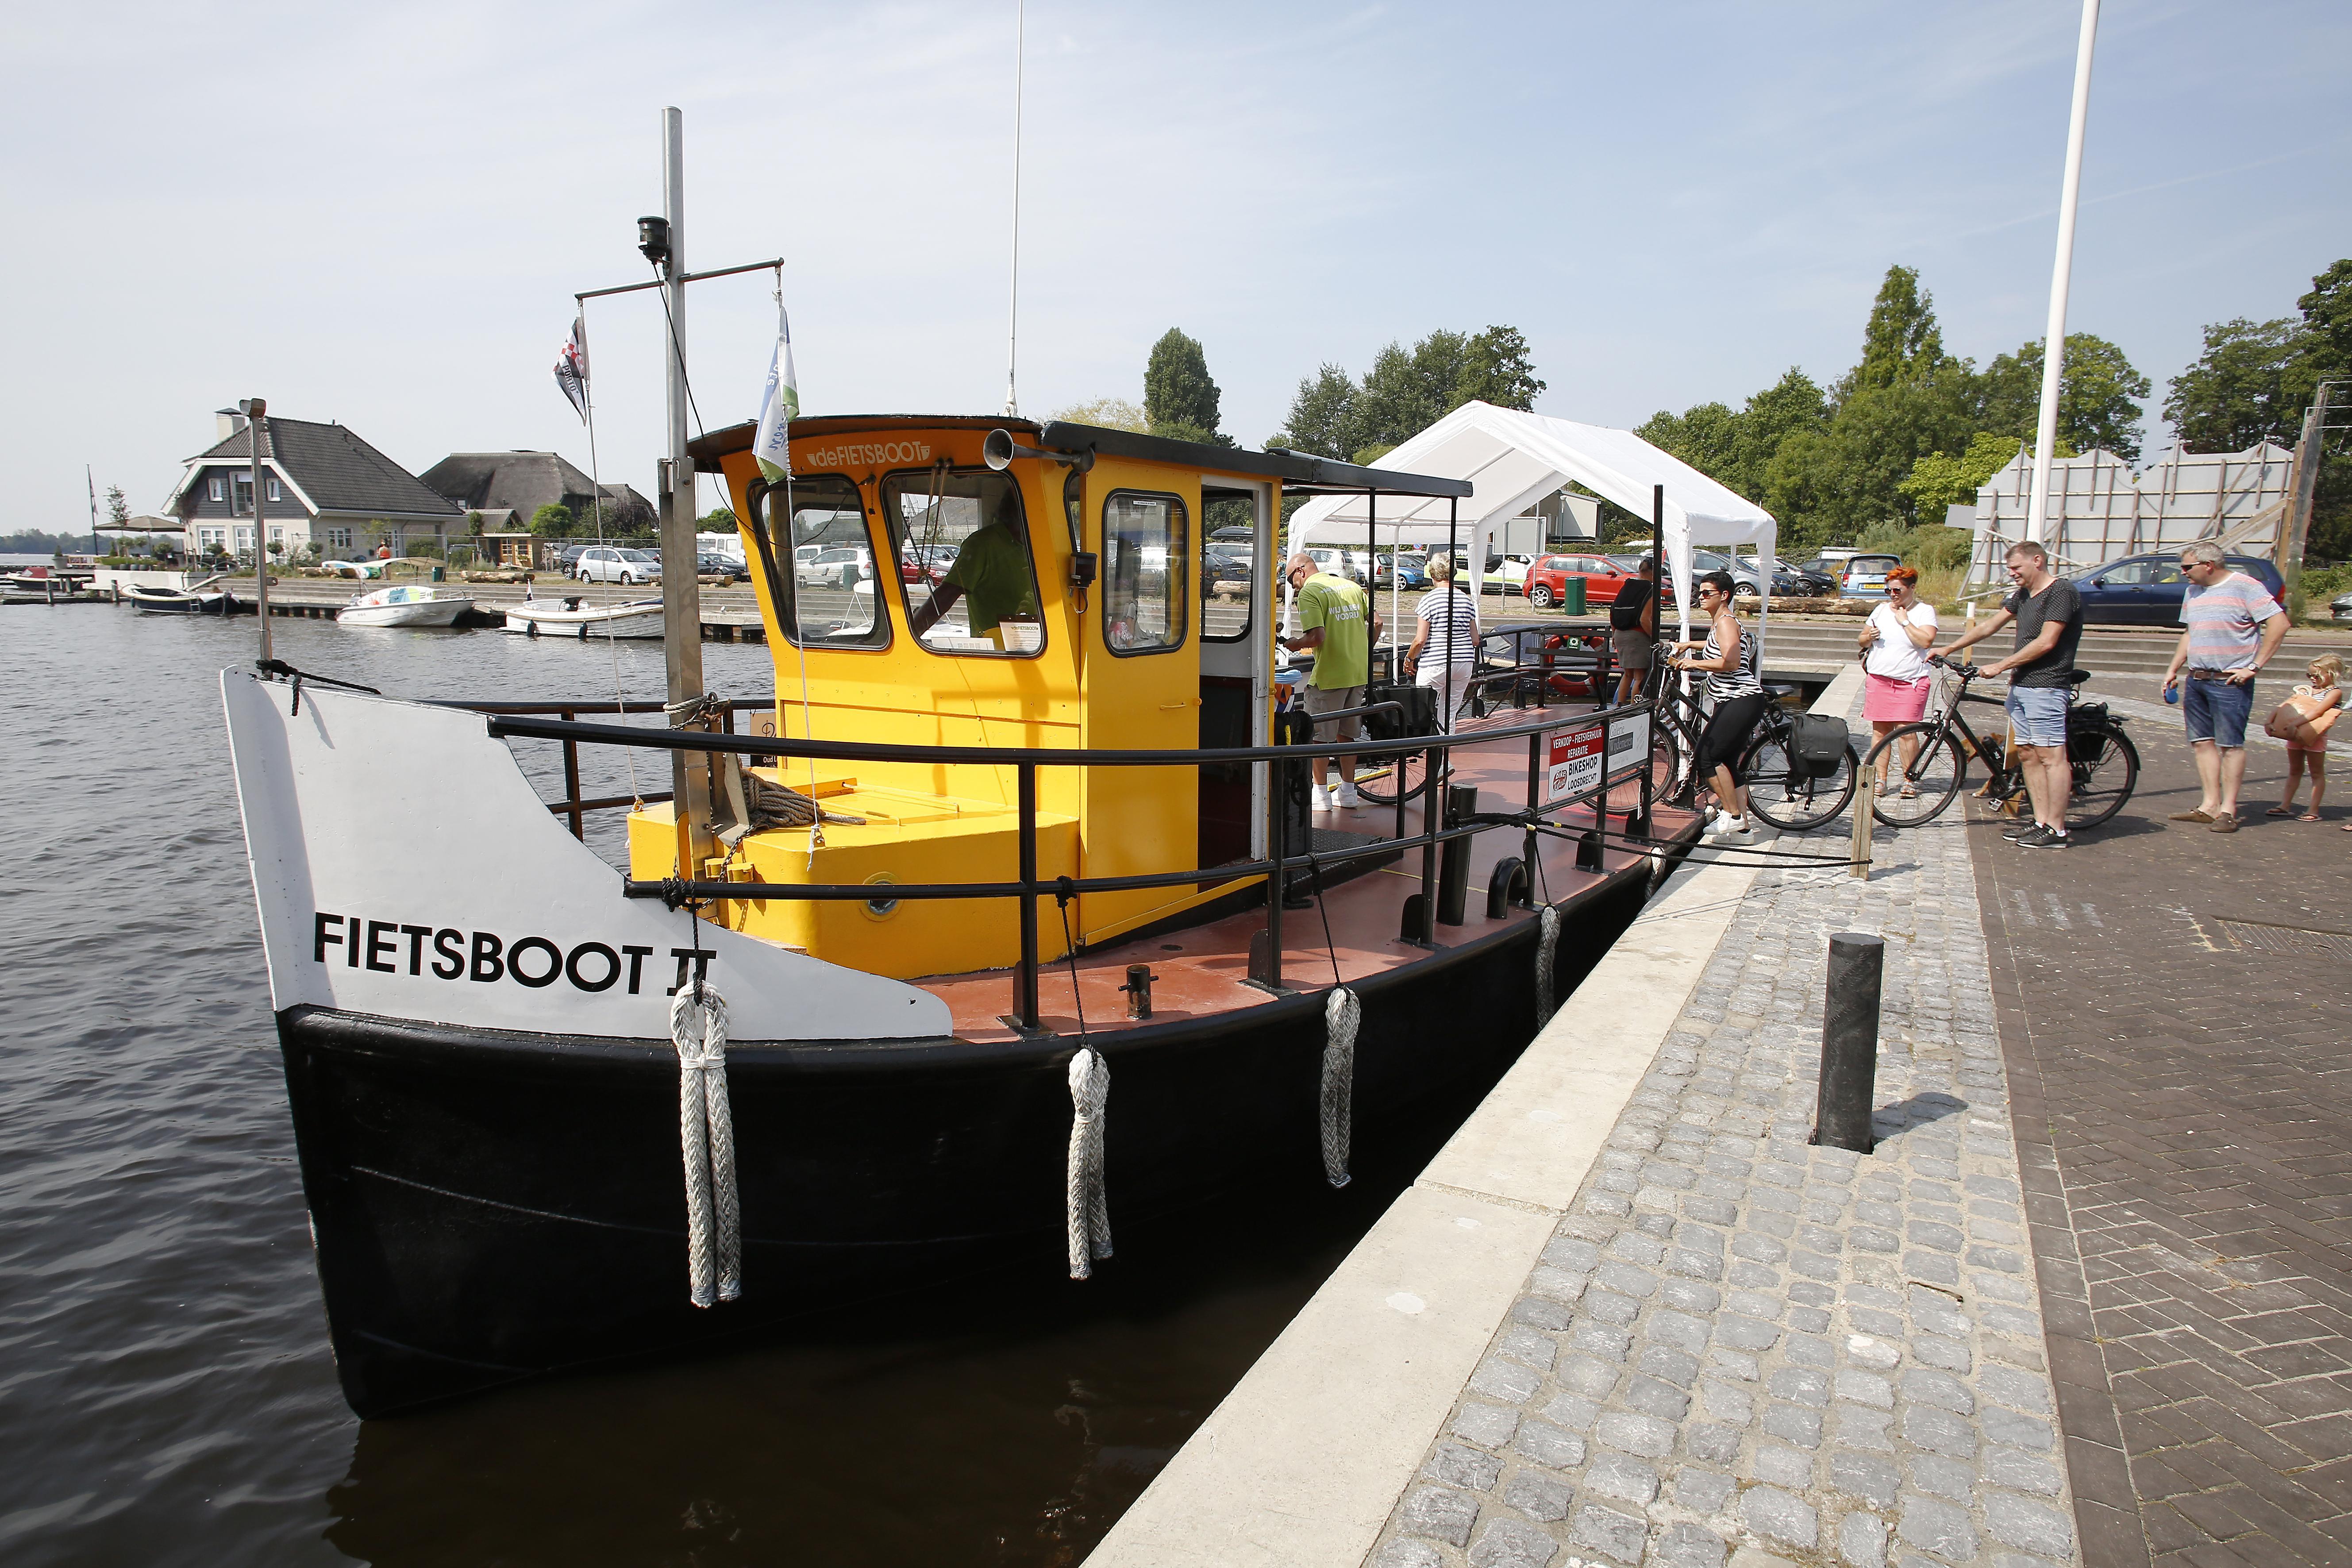 Fietsboot Loosdrecht blijkt klapper: liefst 1500 passagiers voeren mee